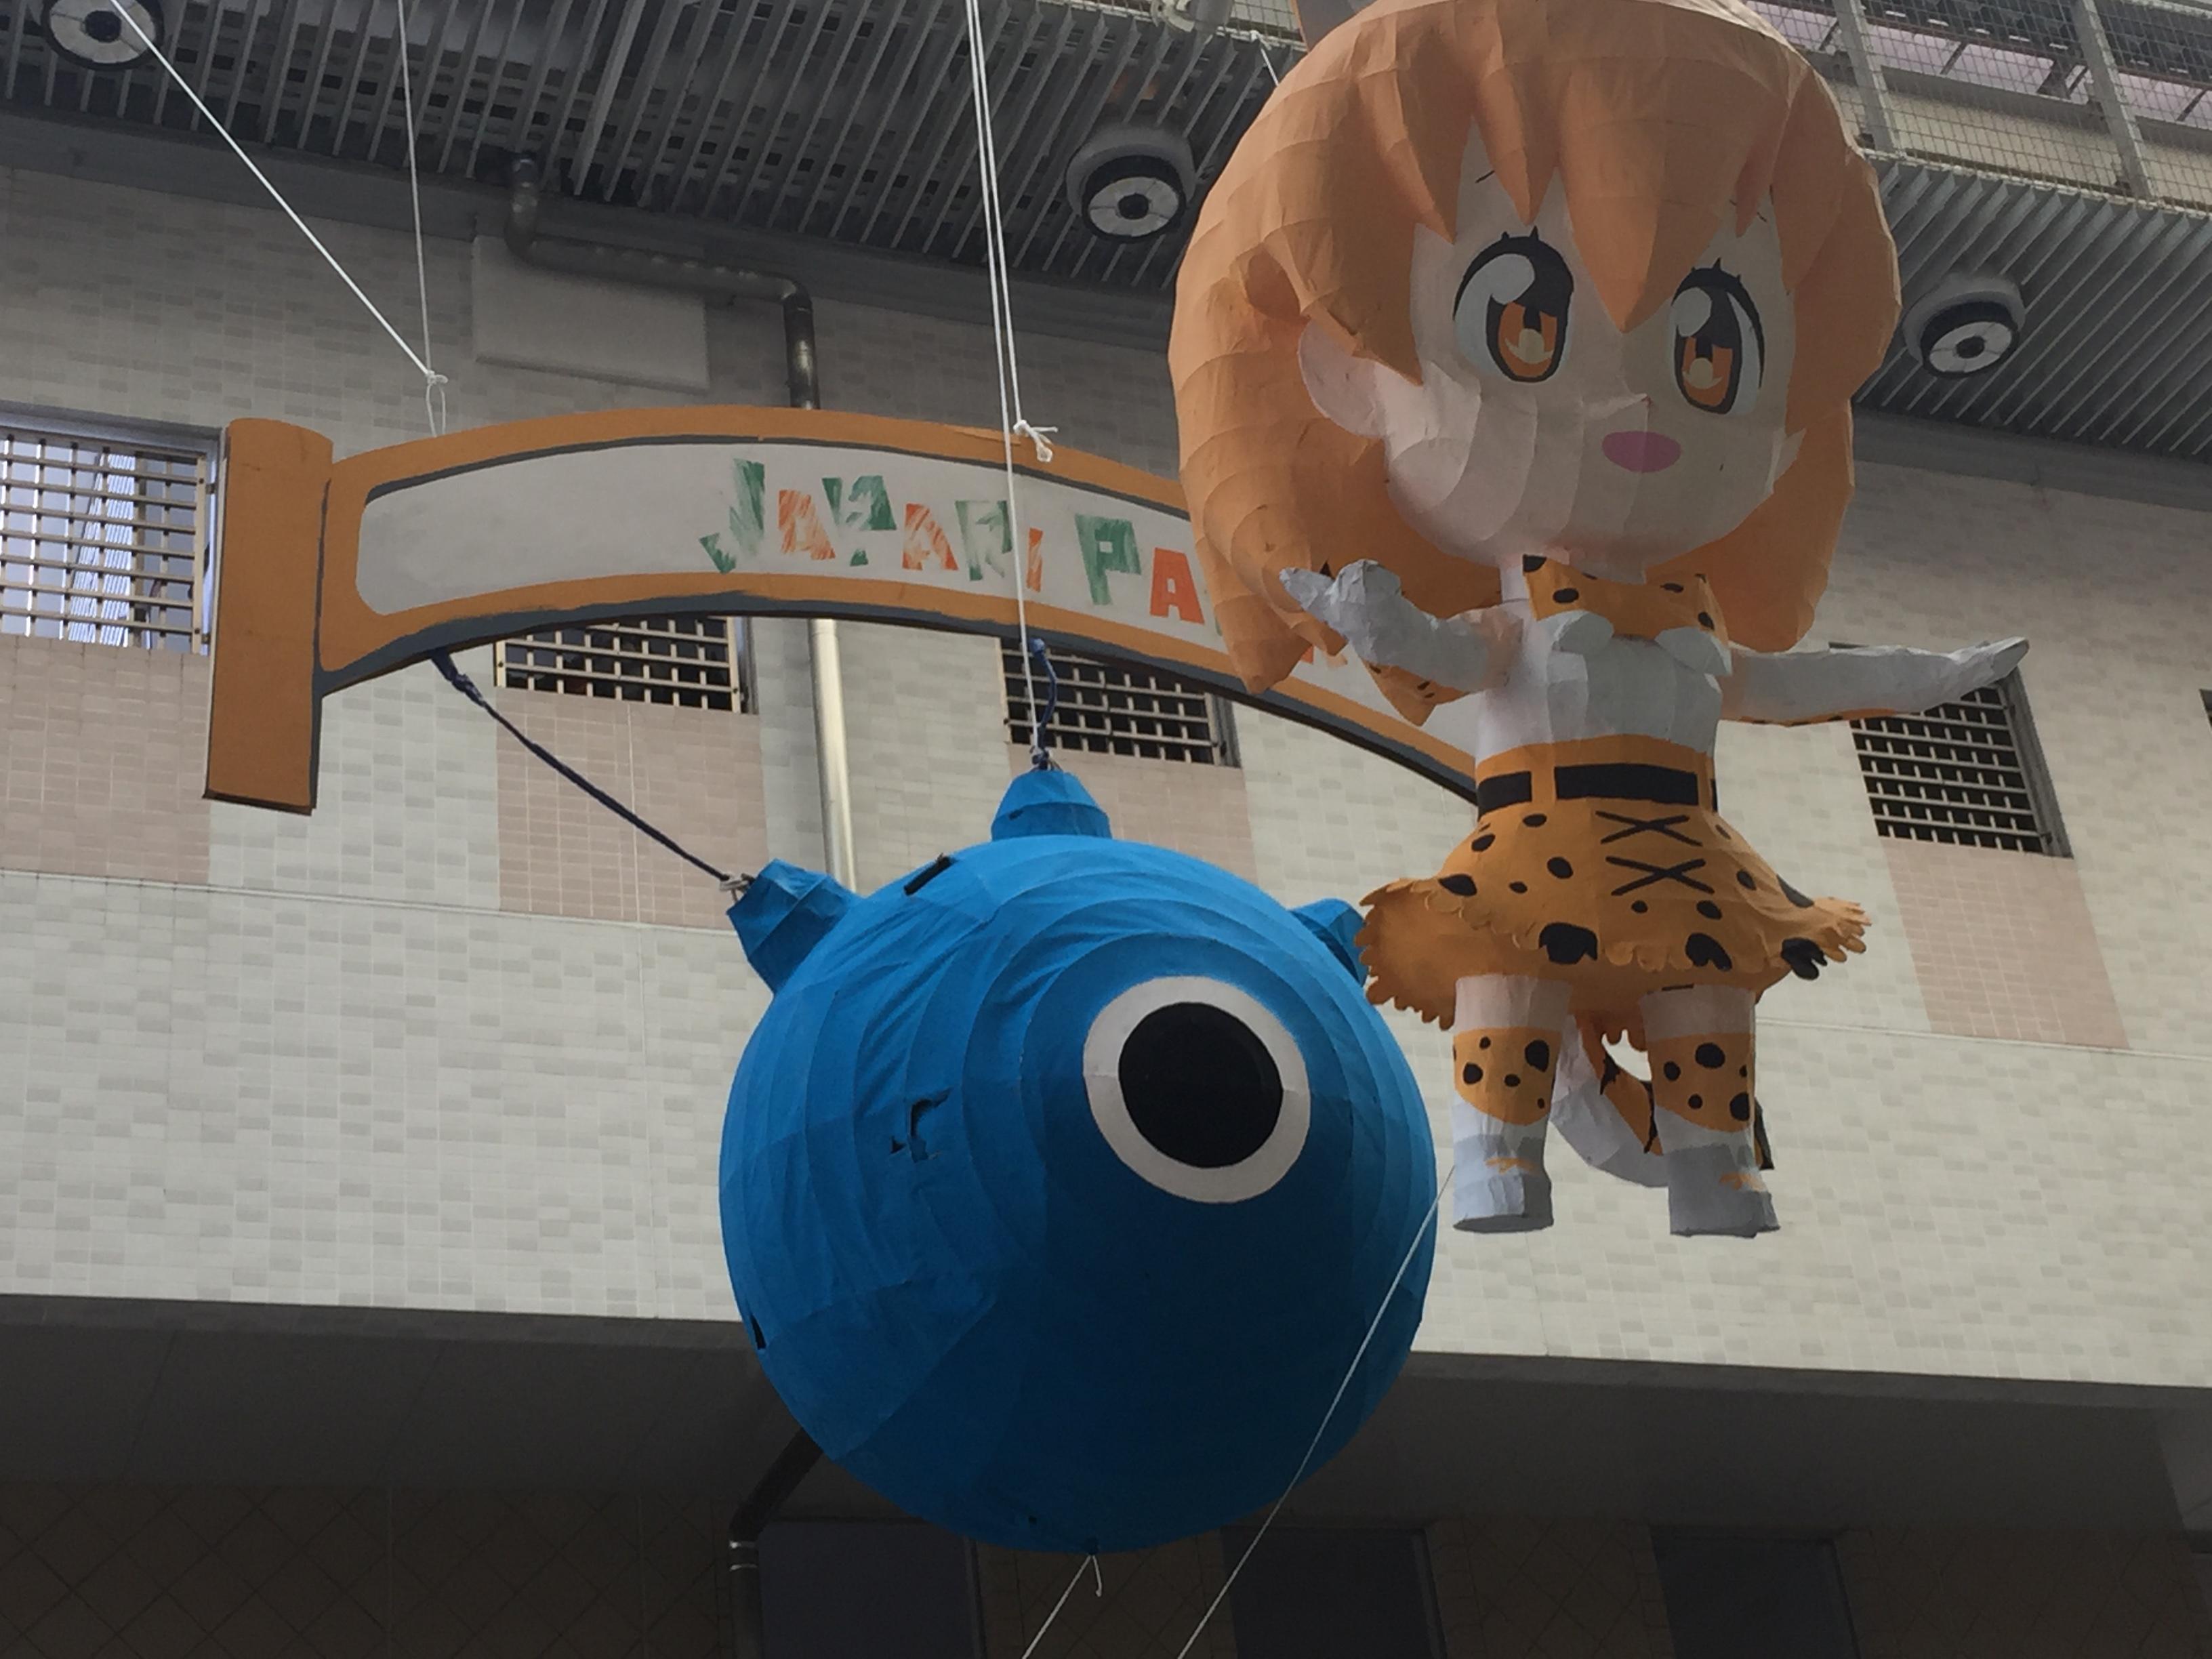 神戸・新長田の大正筋商店街で「阿佐谷七夕まつり 傑作はりぼて」展示中!サーバルちゃんに会いに行こう! #けものフレンズ #サーバルちゃん